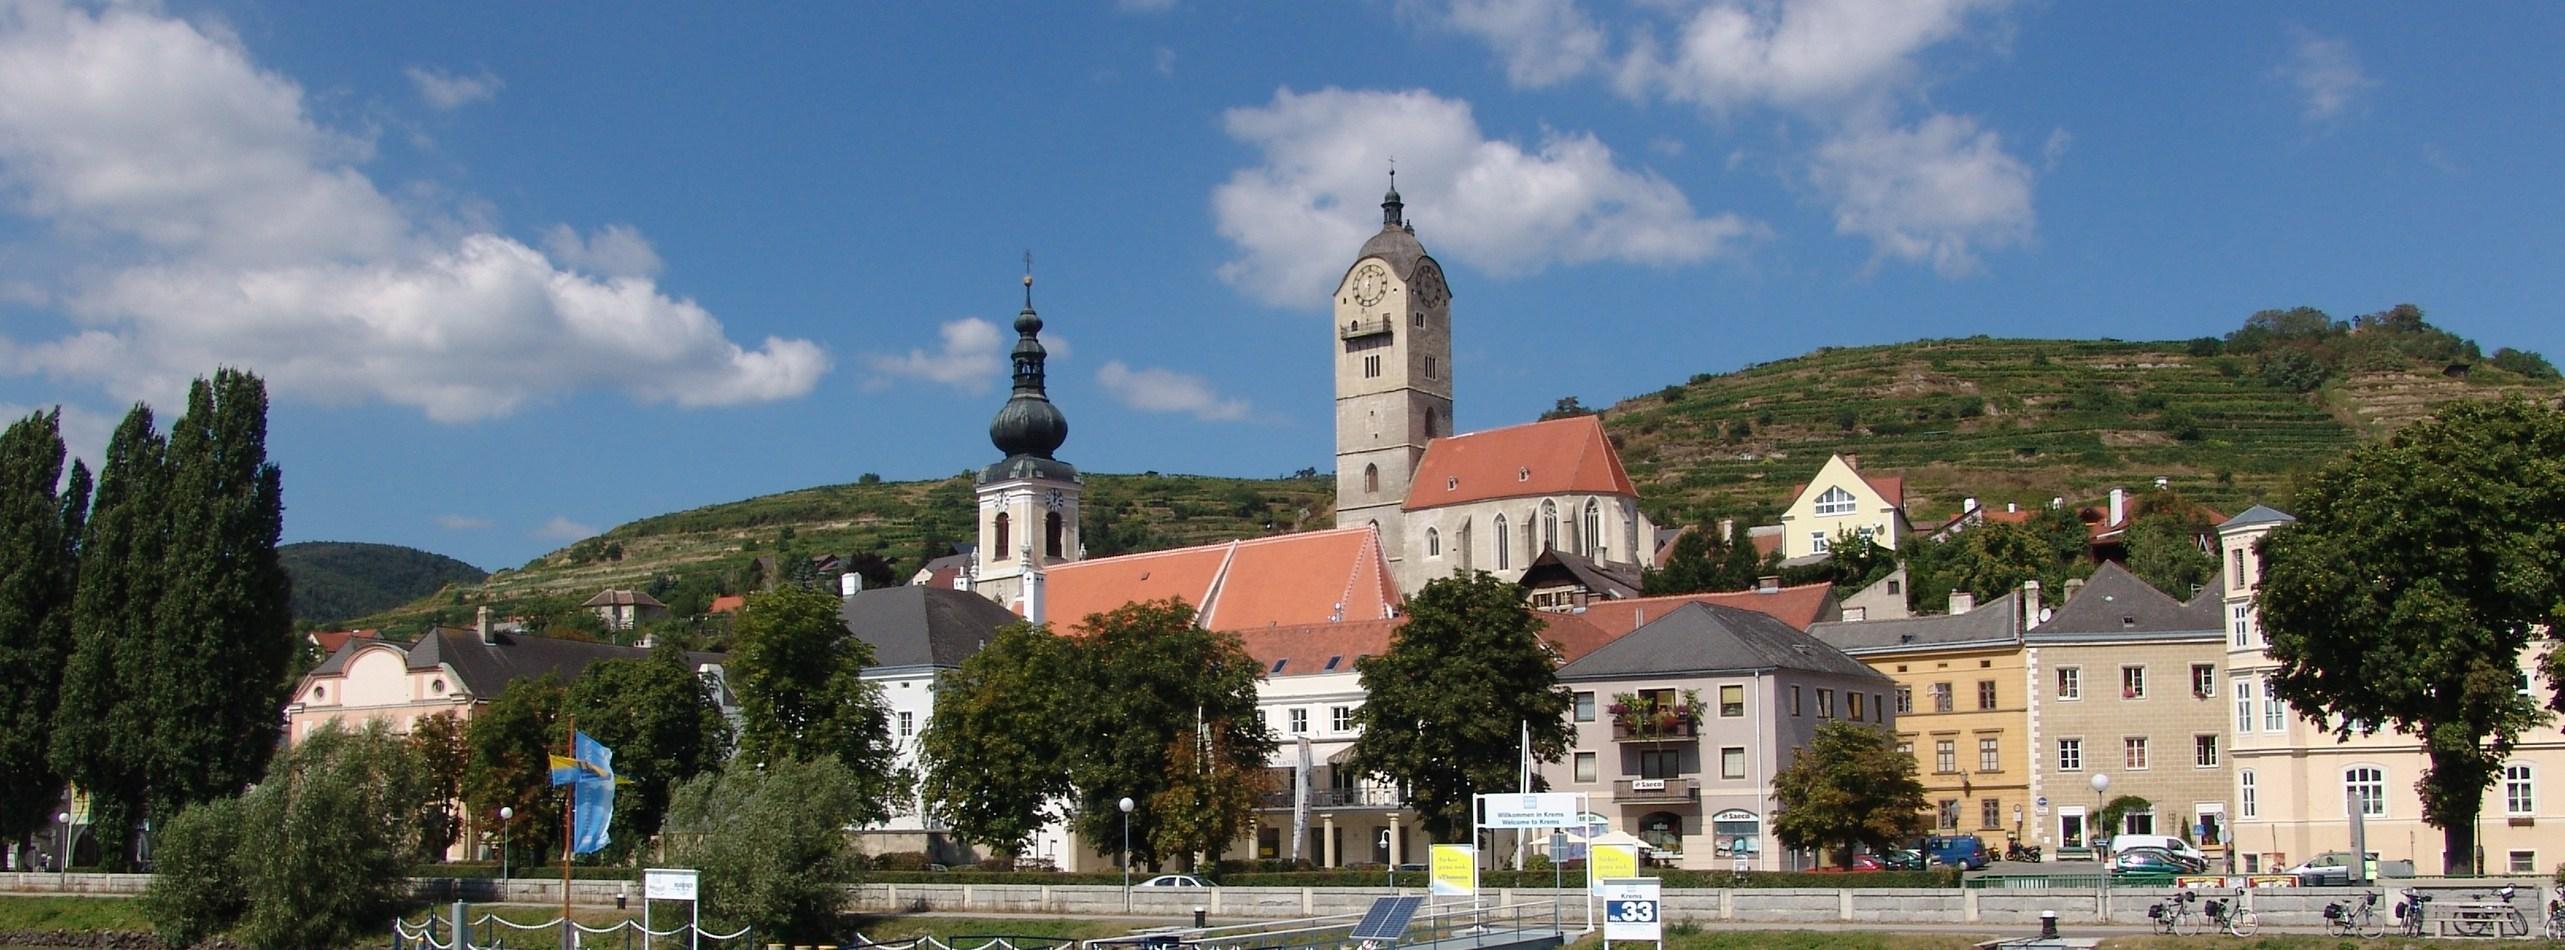 Dating Krems Donau